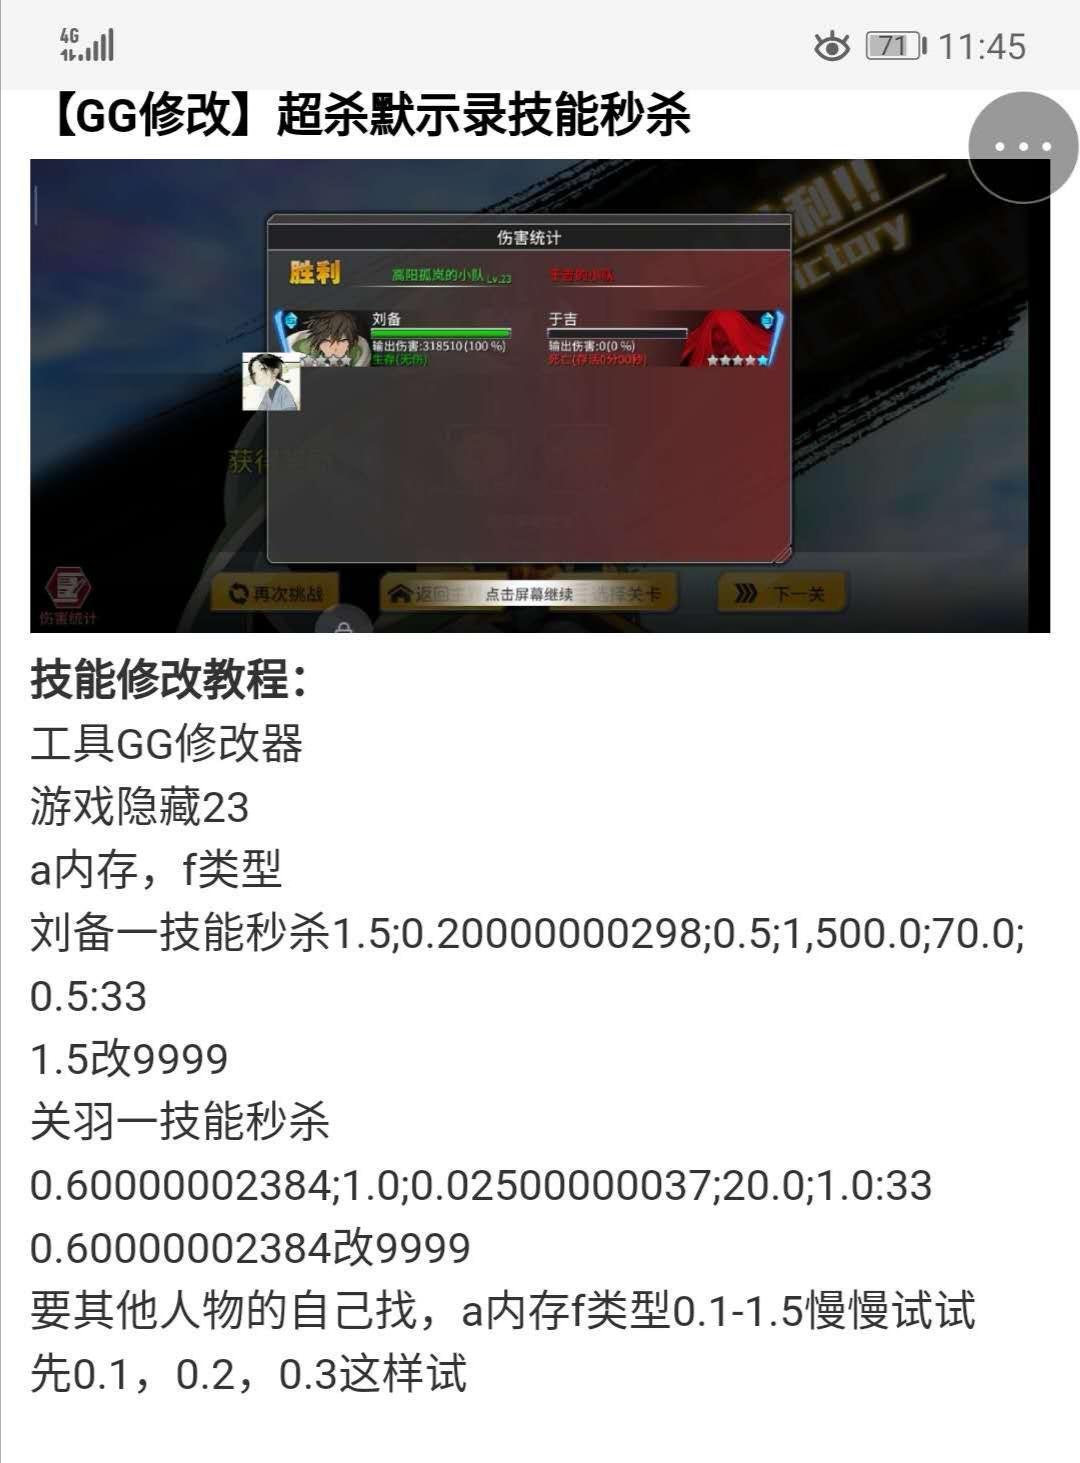 超杀默示录秒杀-100tui.cn